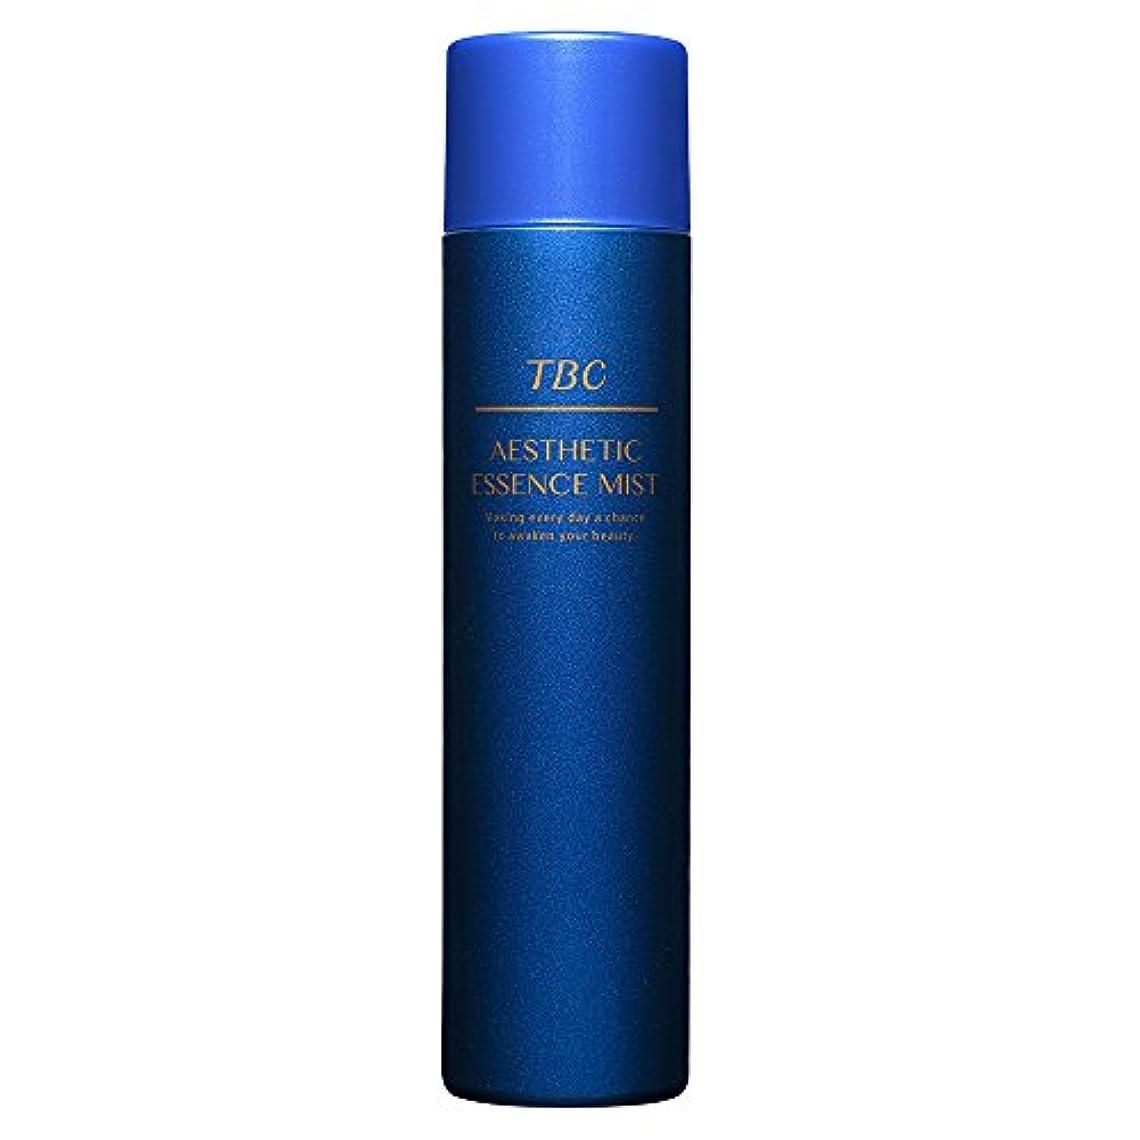 ソフトウェアキャリア盲目TBC エステティックエッセンスミスト 化粧水/炭酸ミスト/美容液/スプレータイプ/エステ